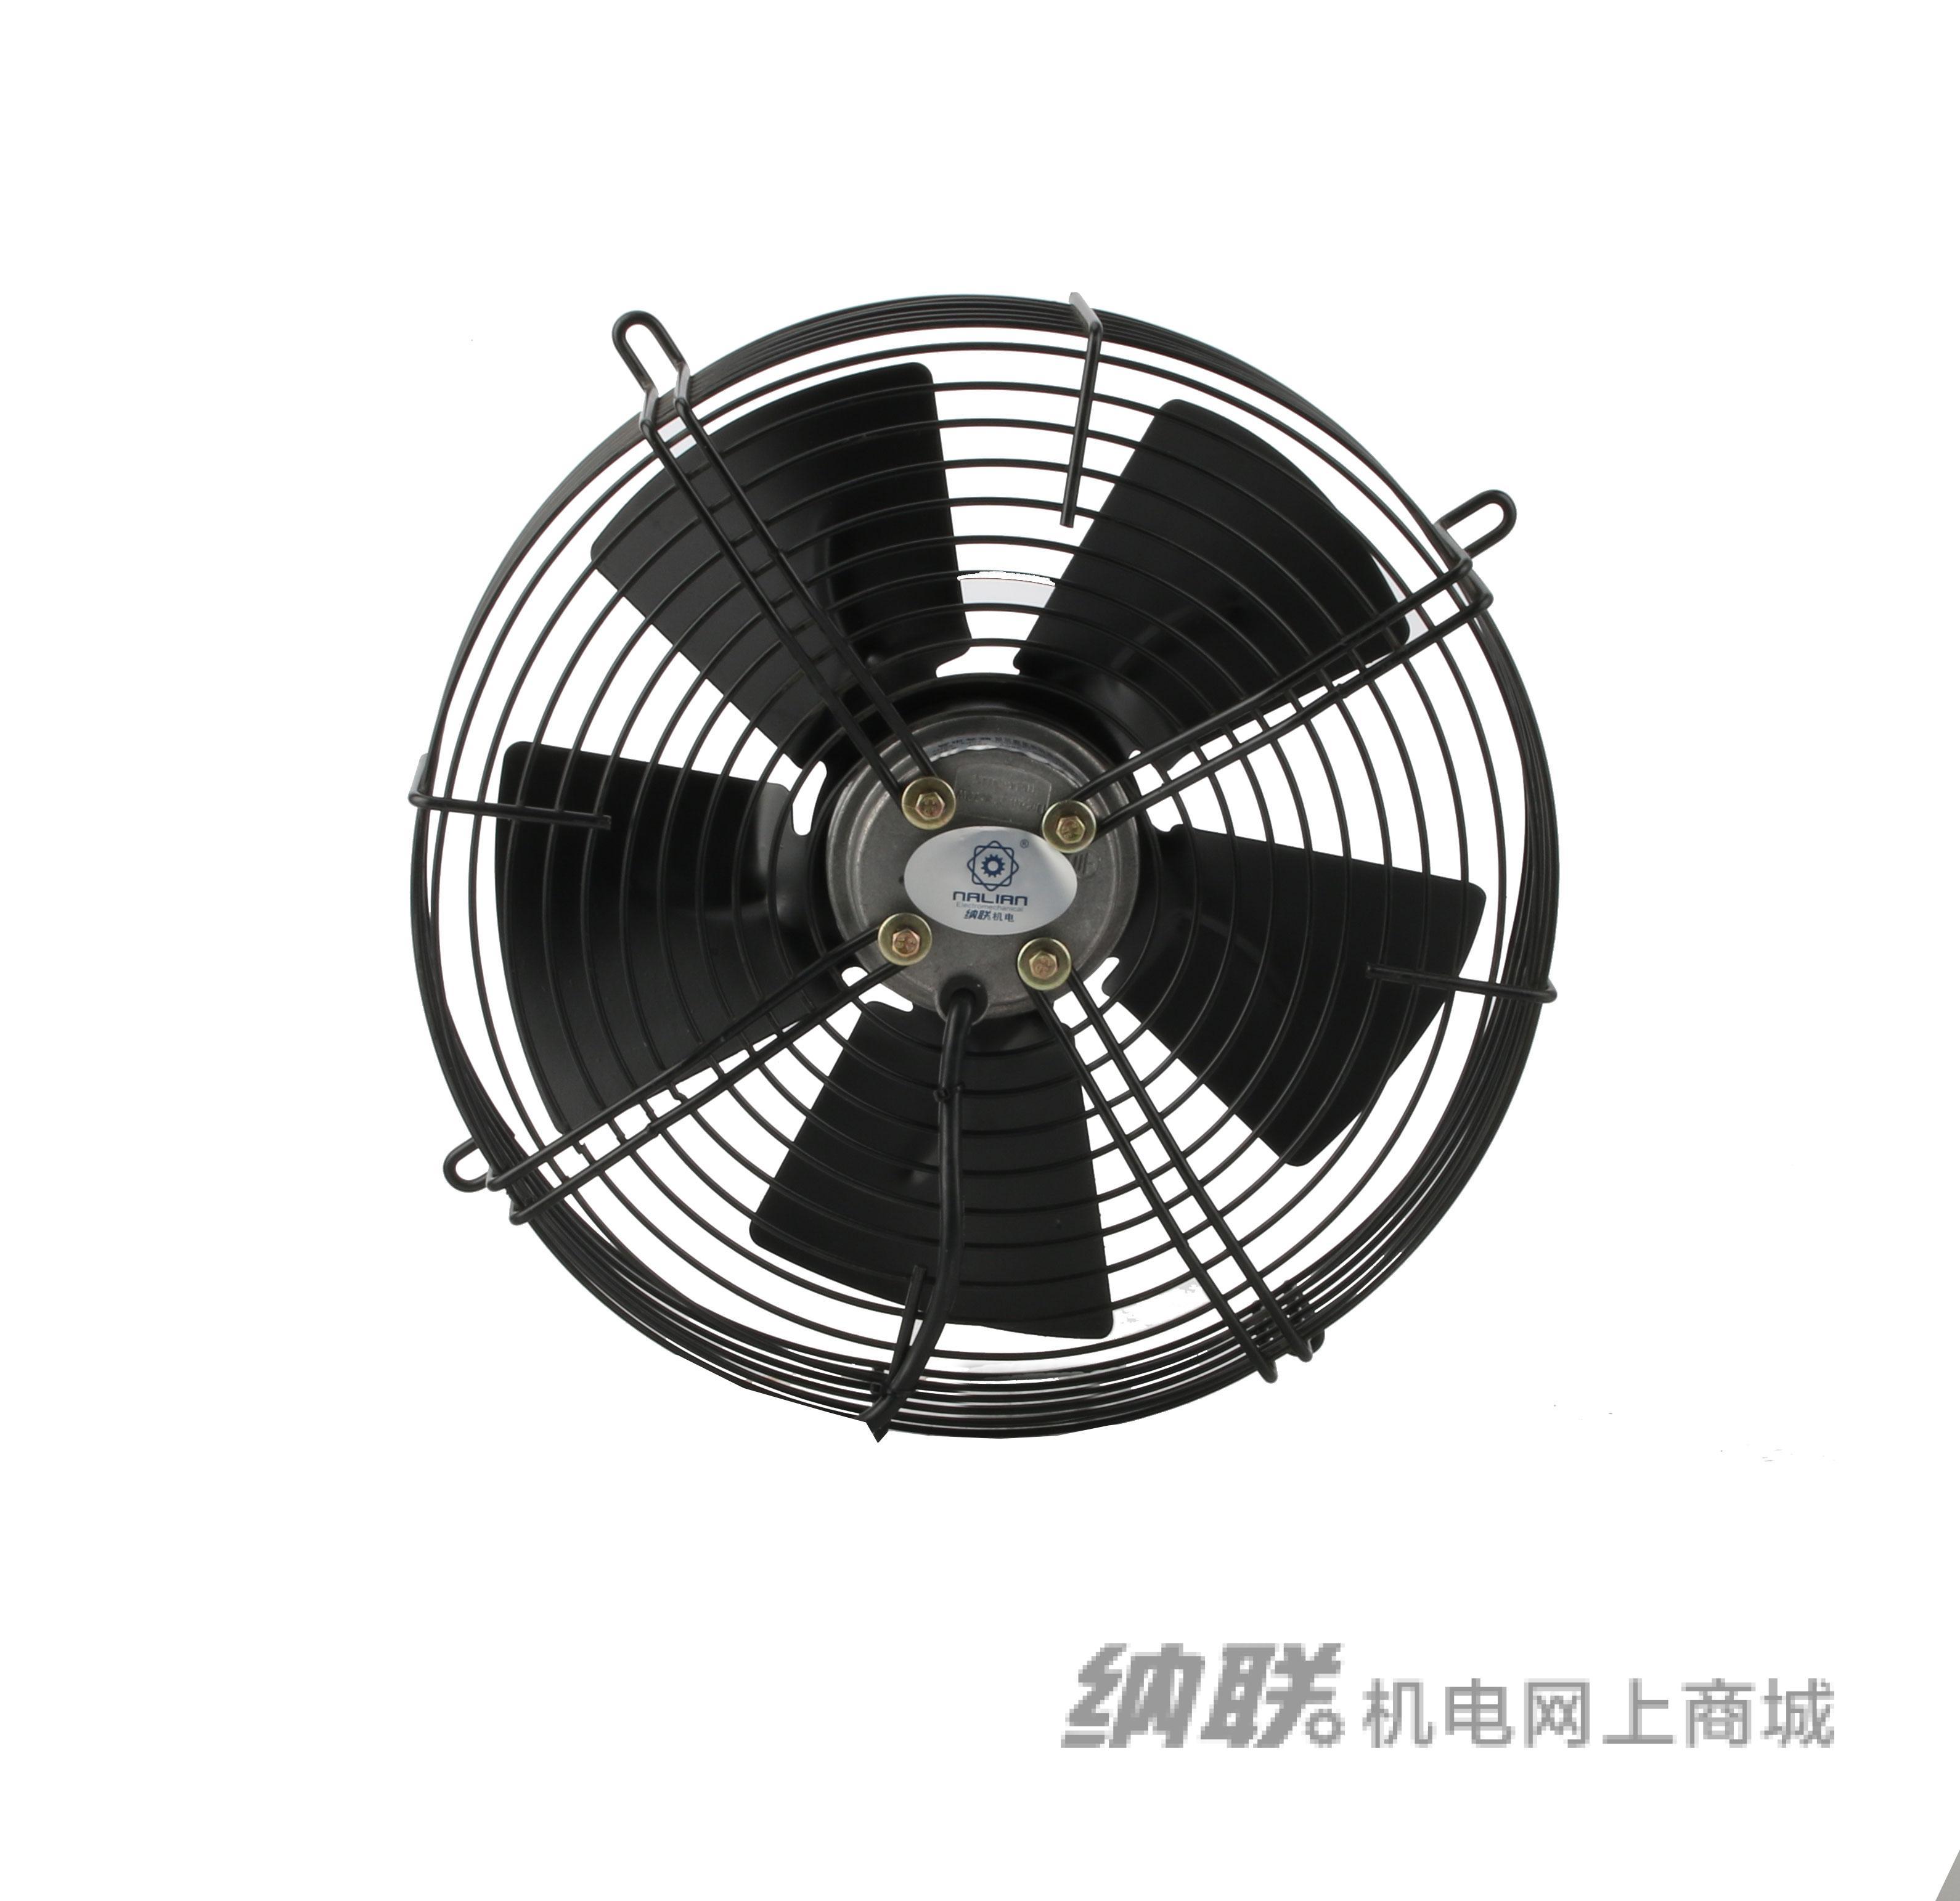 纳联机电 外转子轴流风机-YWF4D-450网罩 三